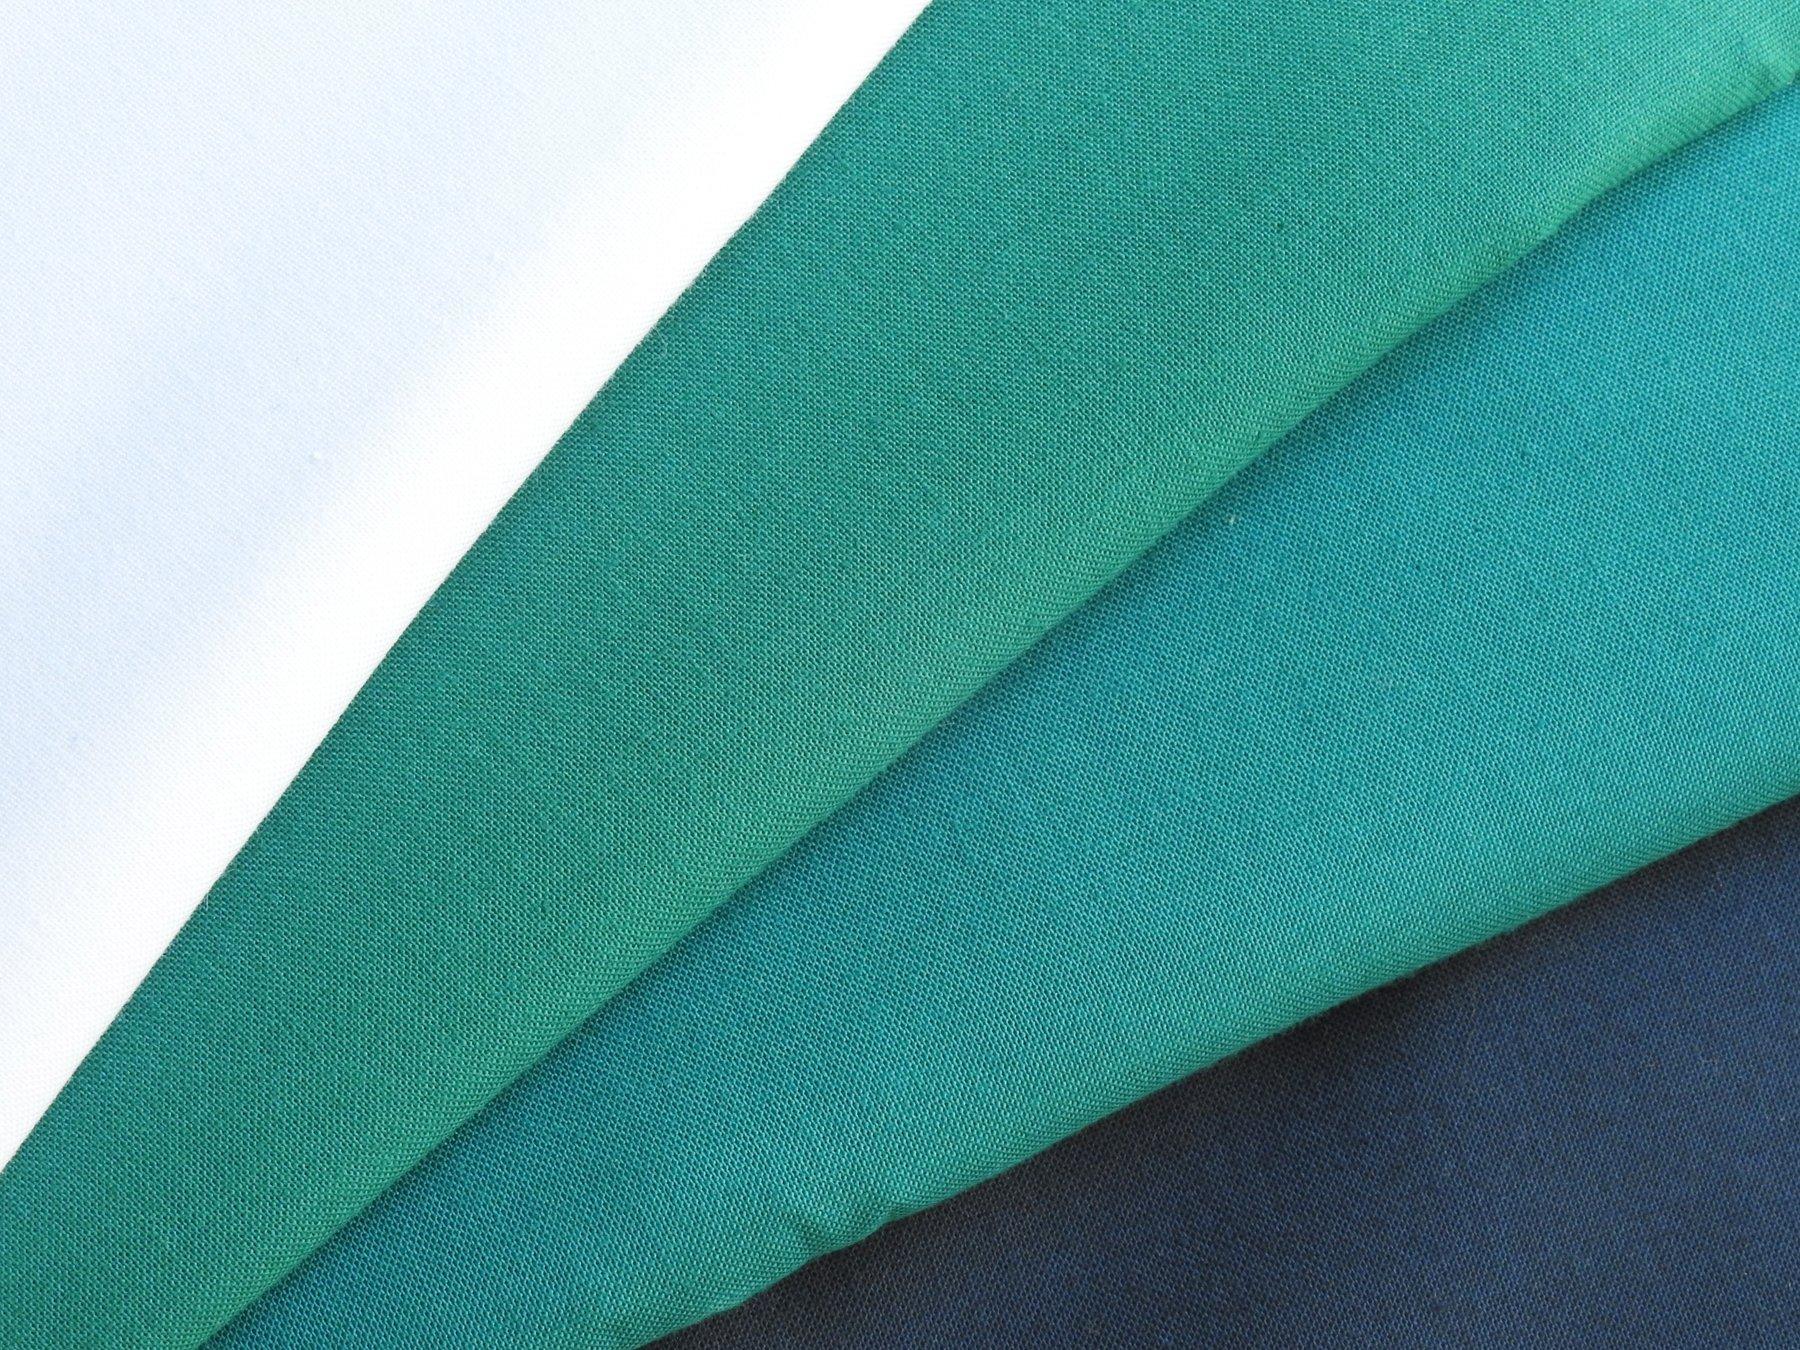 Fabricate Boulder - Kona White, Enchanted, Jade Green, Navy